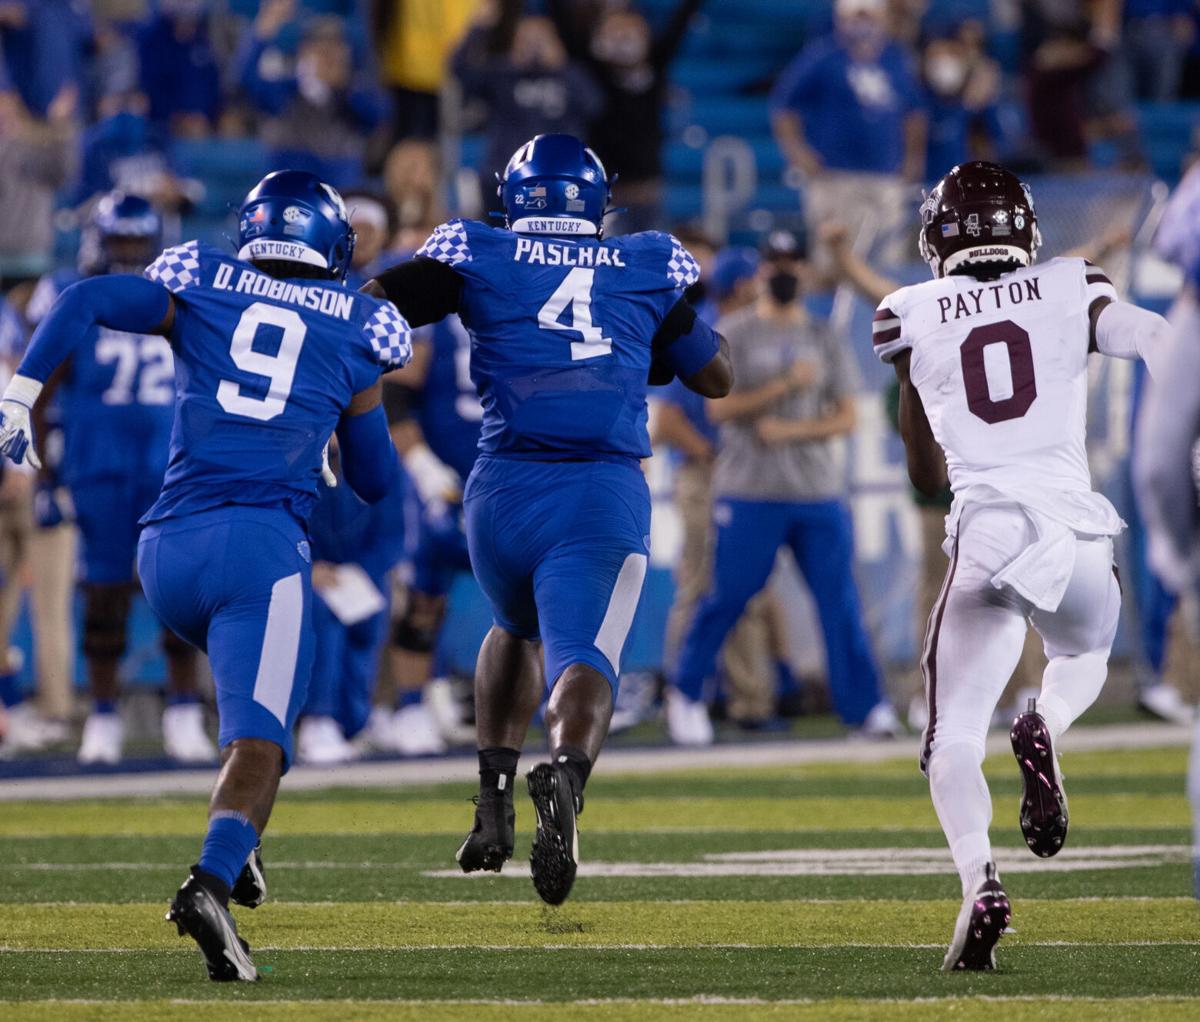 Kentucky Wildcats defensive end Joshua Paschal returns an interception